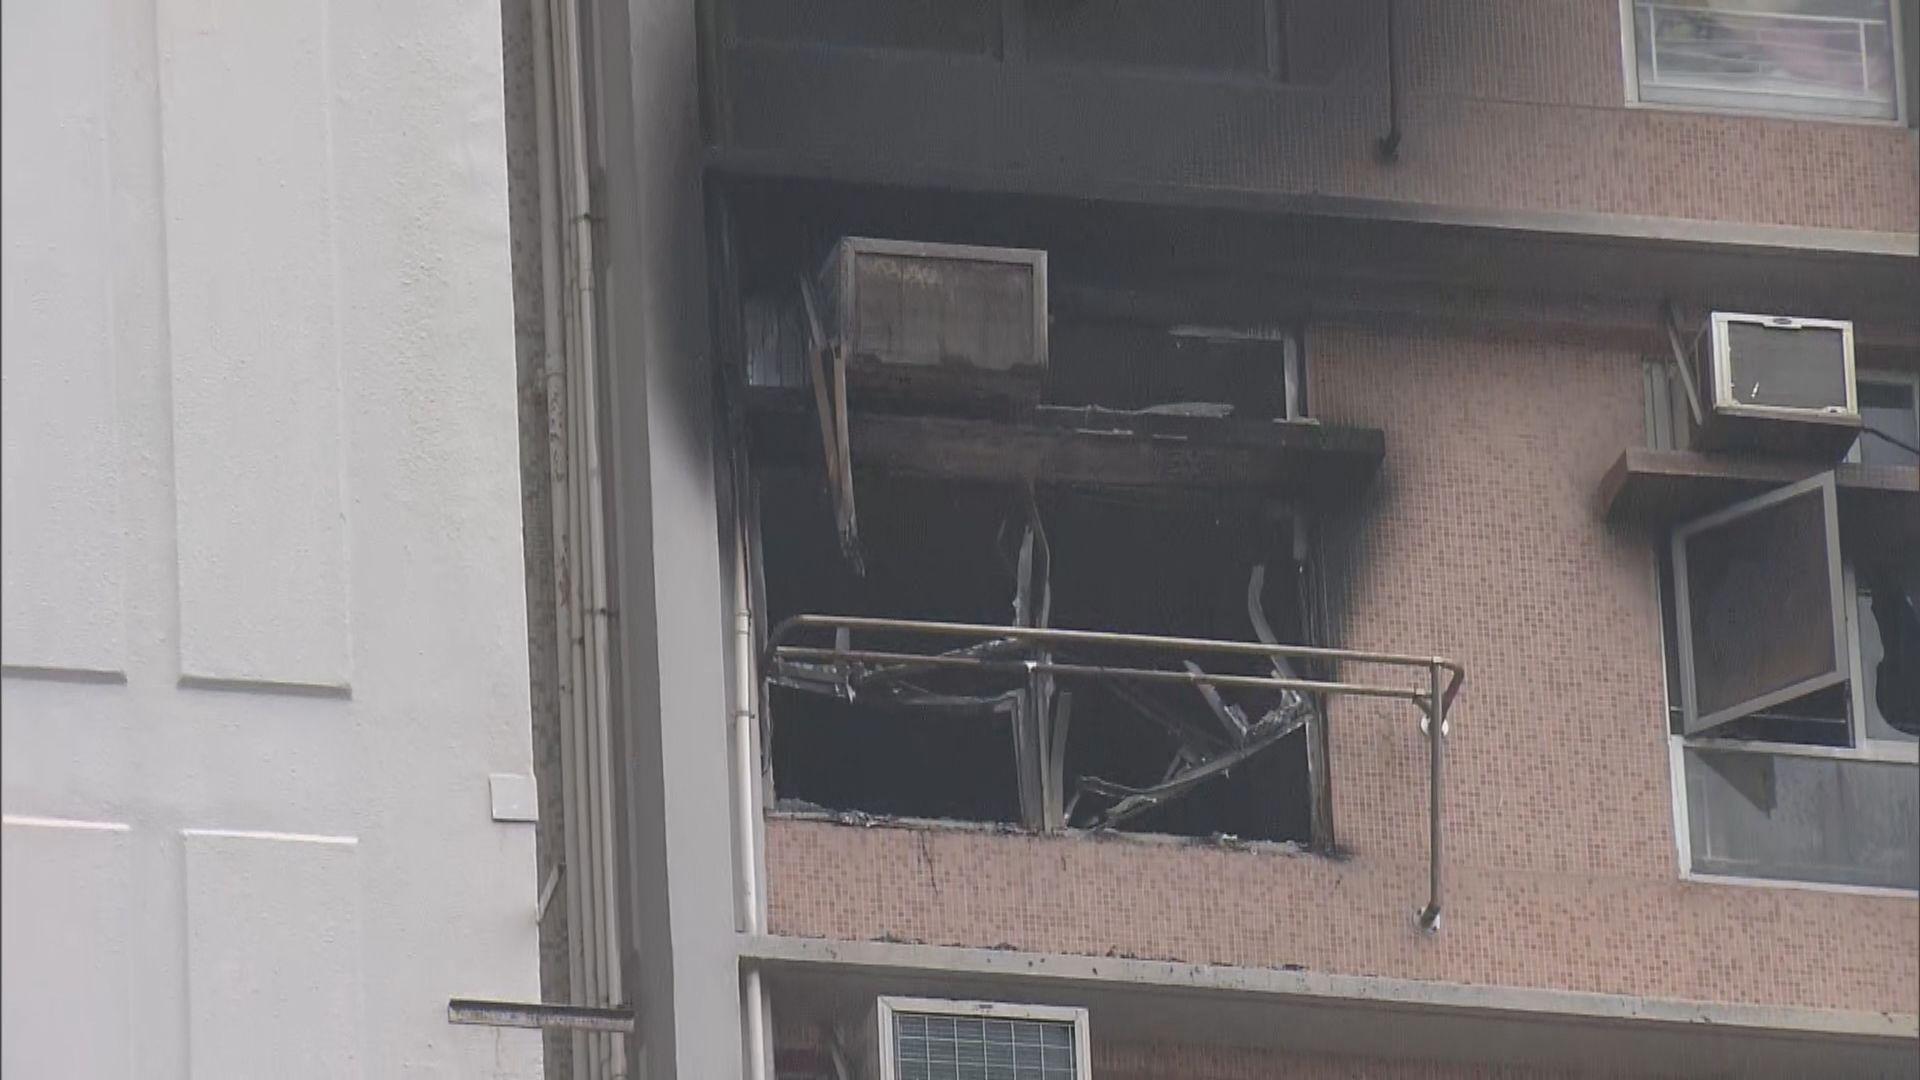 秀茂坪寶達邨單位失火 相信由電池發熱引起